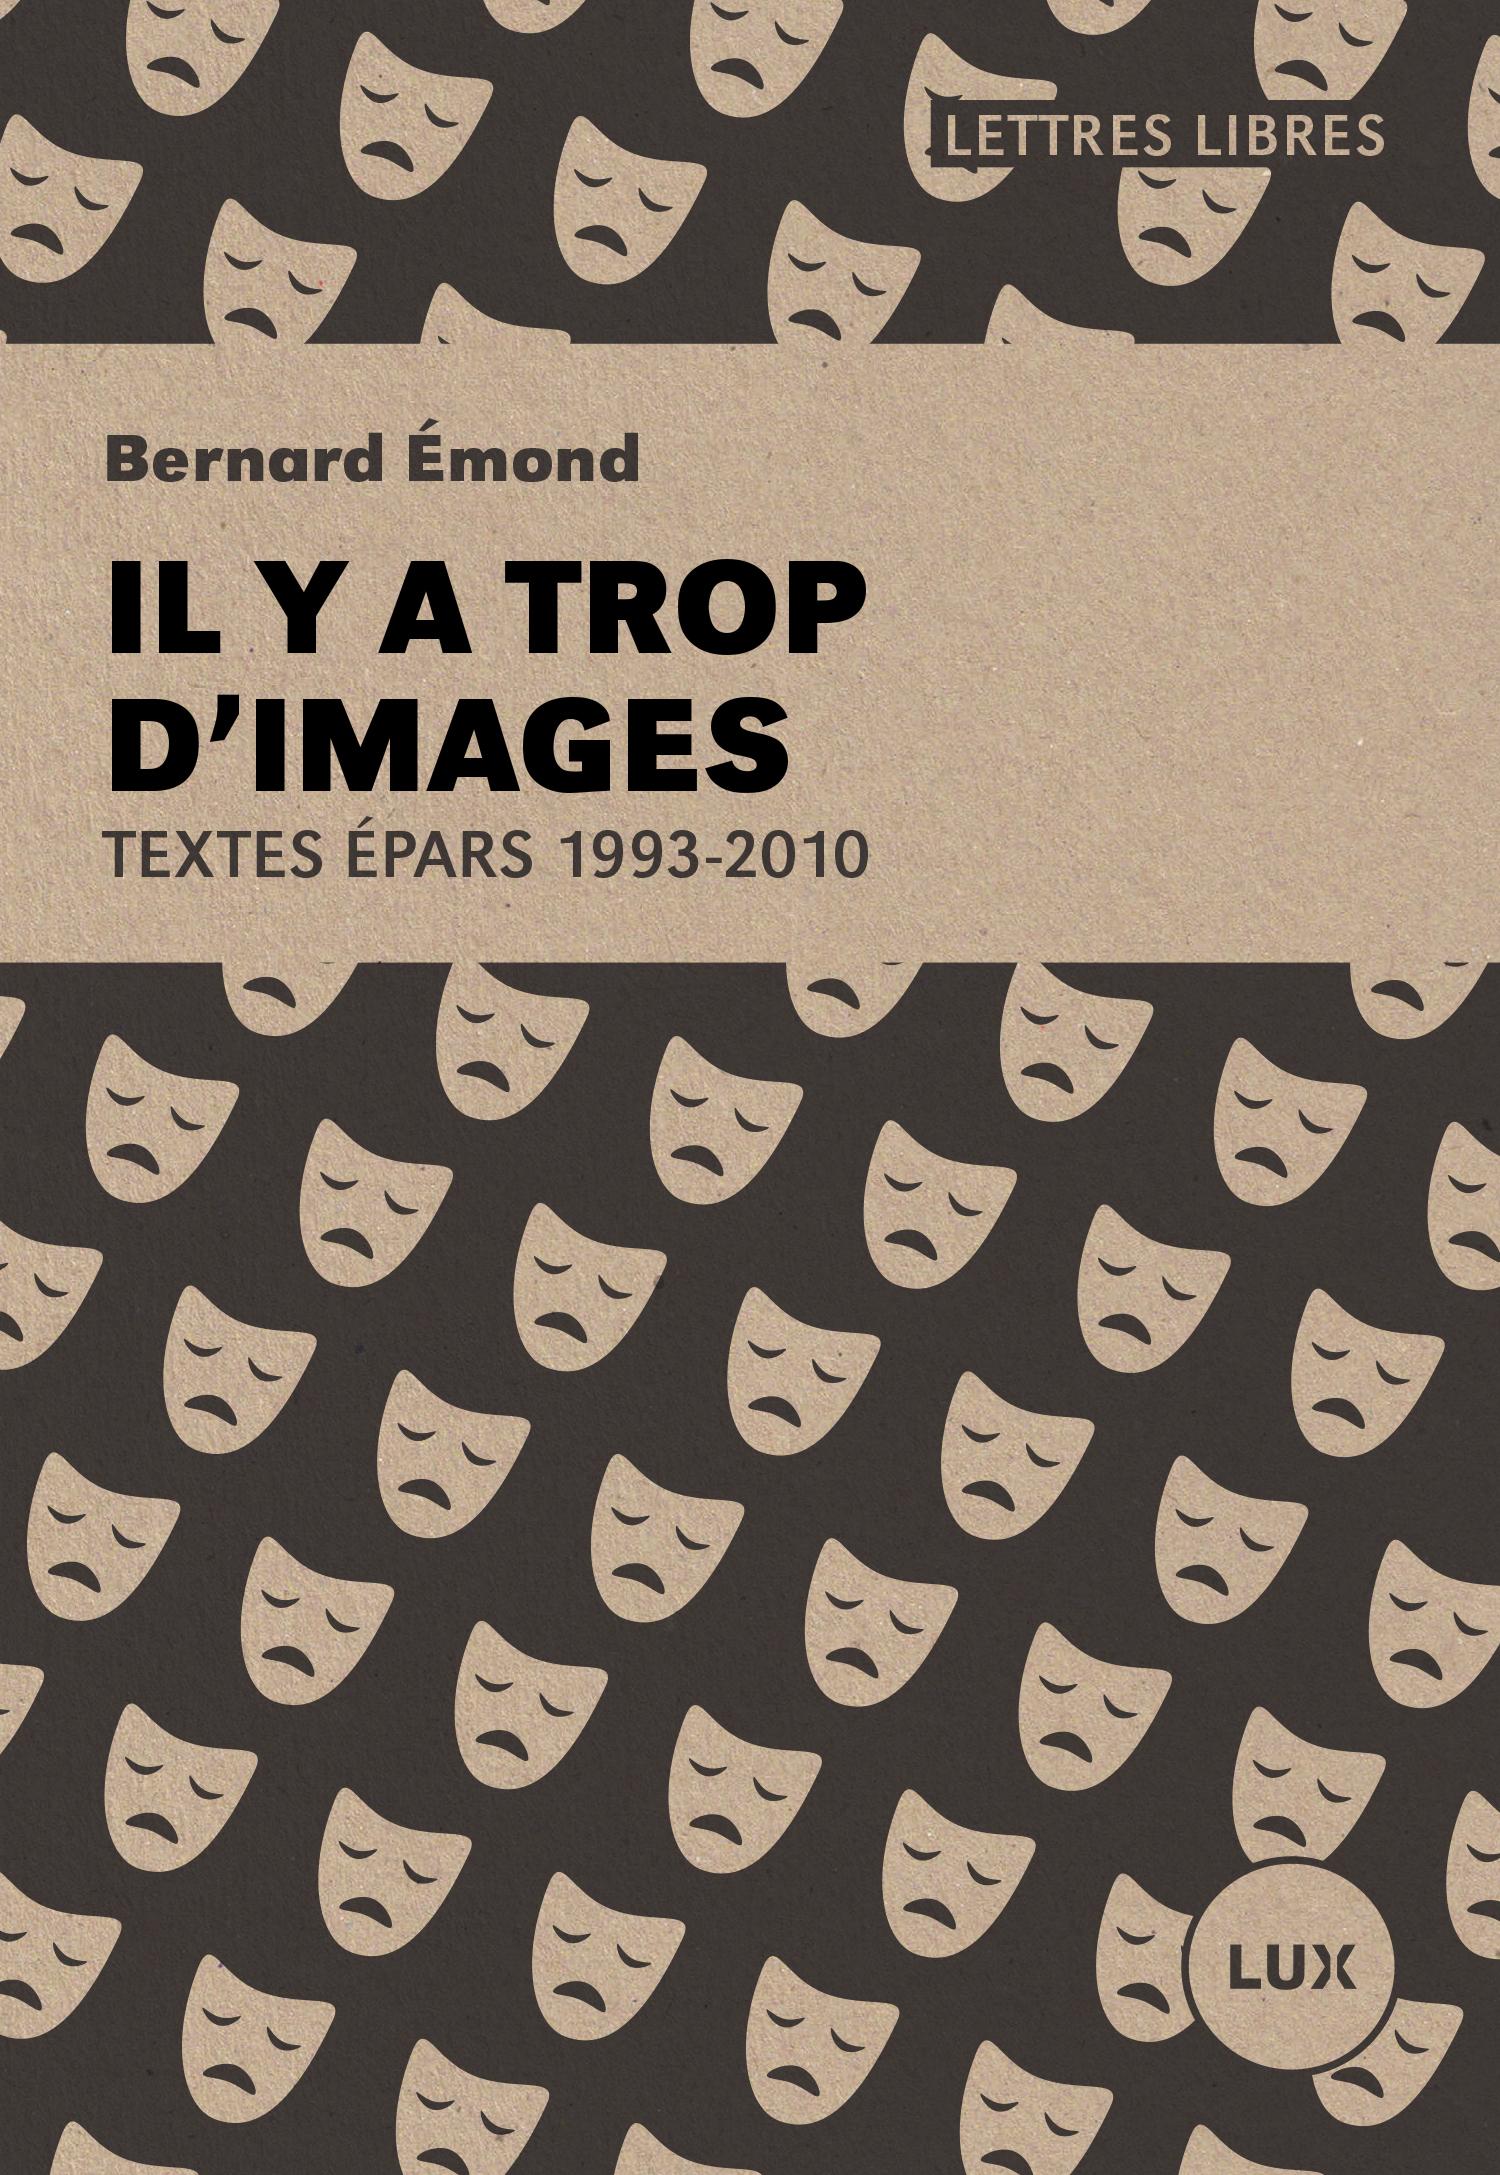 Couverture : Il y a trop d'images: Textes épars 1993-2010 Bernard Émond